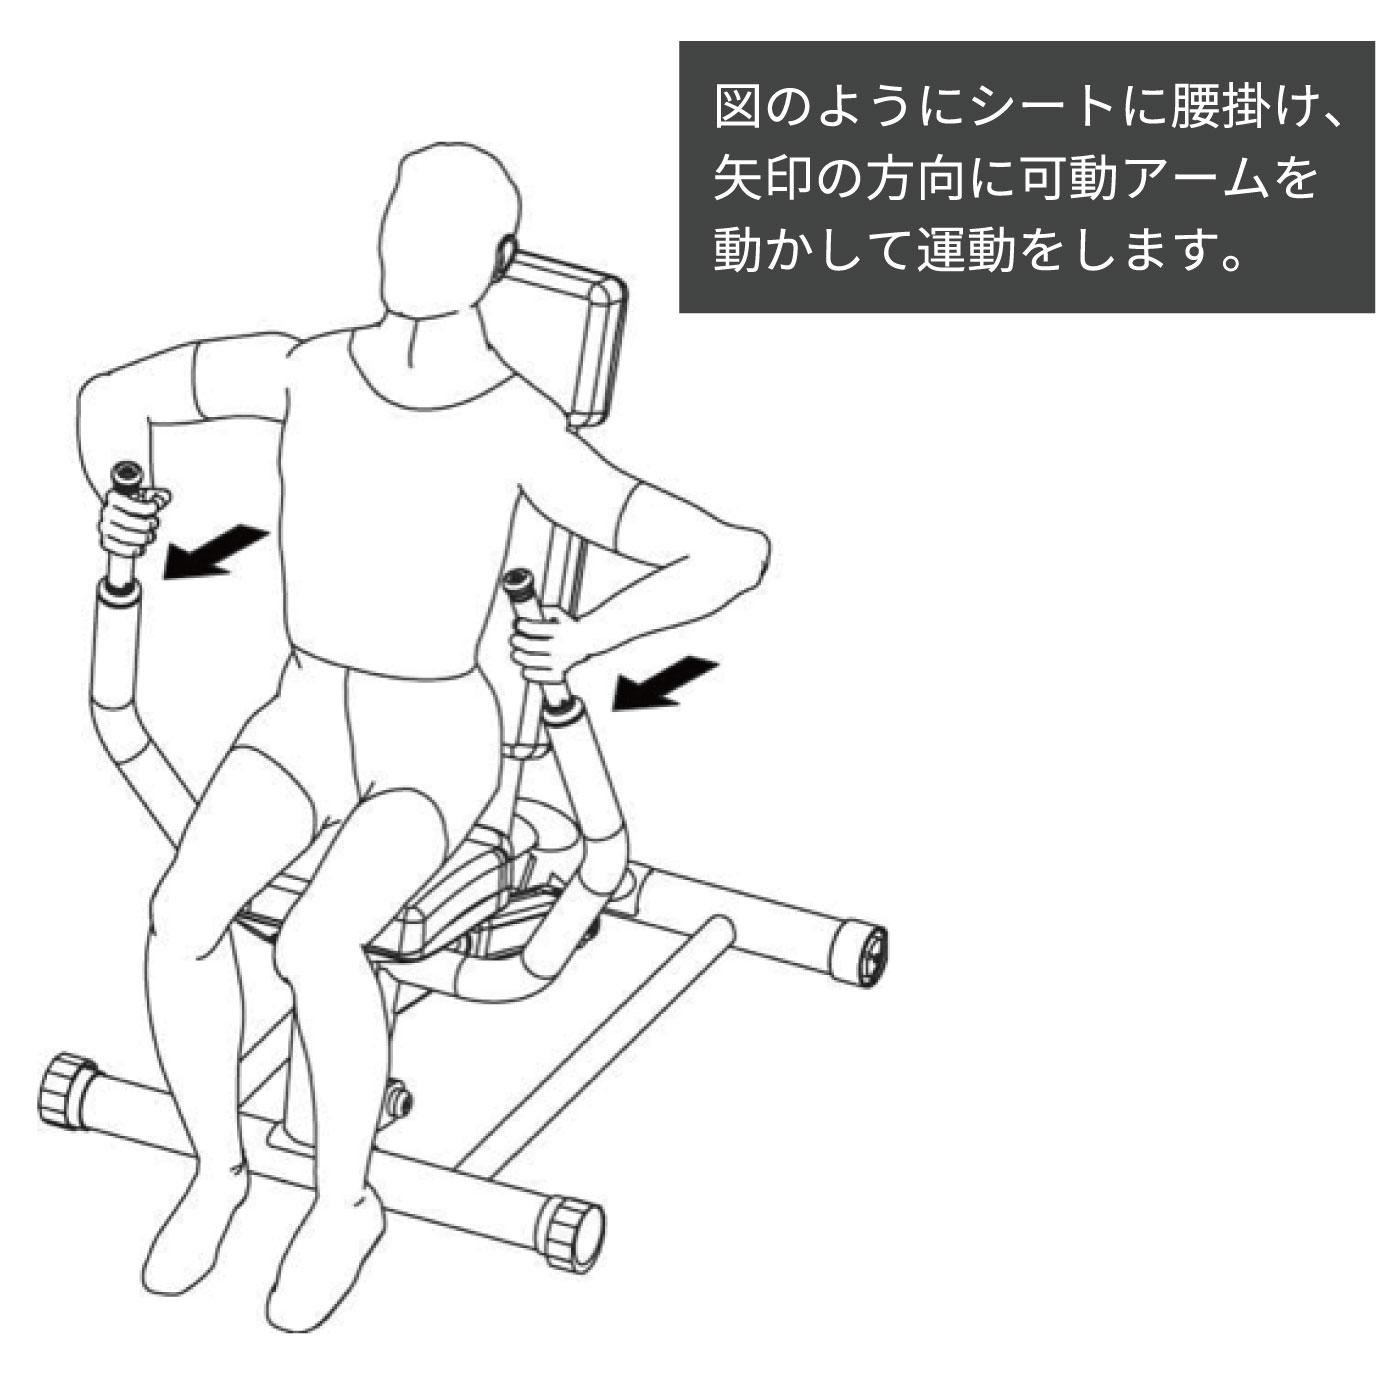 DK-1201のトレーニング方法